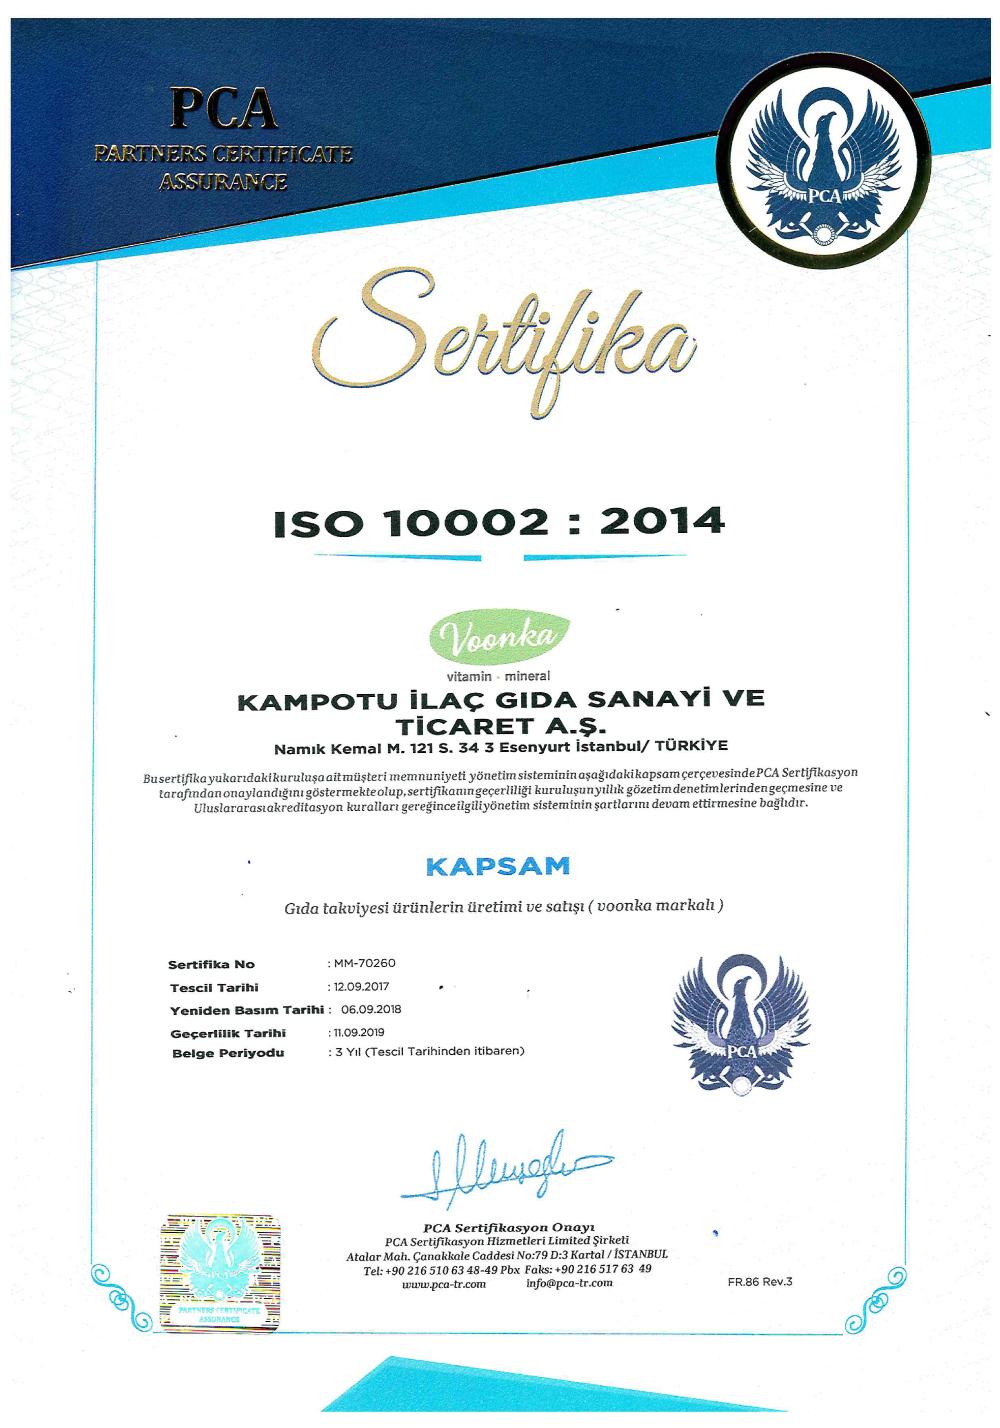 iso10002-musteri-sikayetleri-sertifikasi-2018